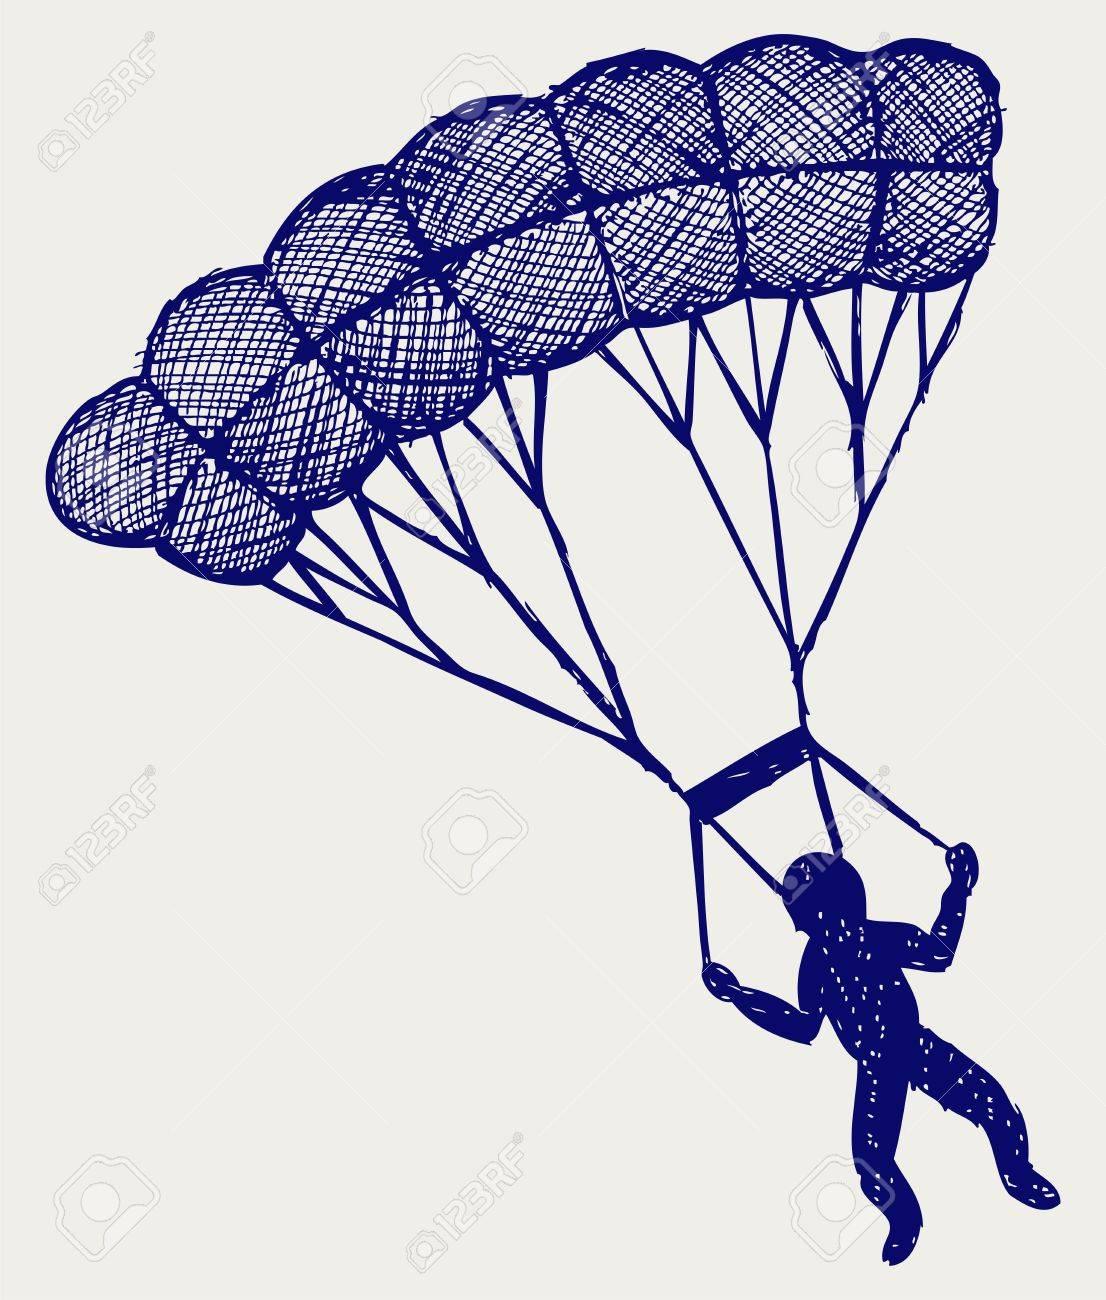 El Hombre Que Salta Con Paracaídas Estilo Doodle Ilustraciones ...